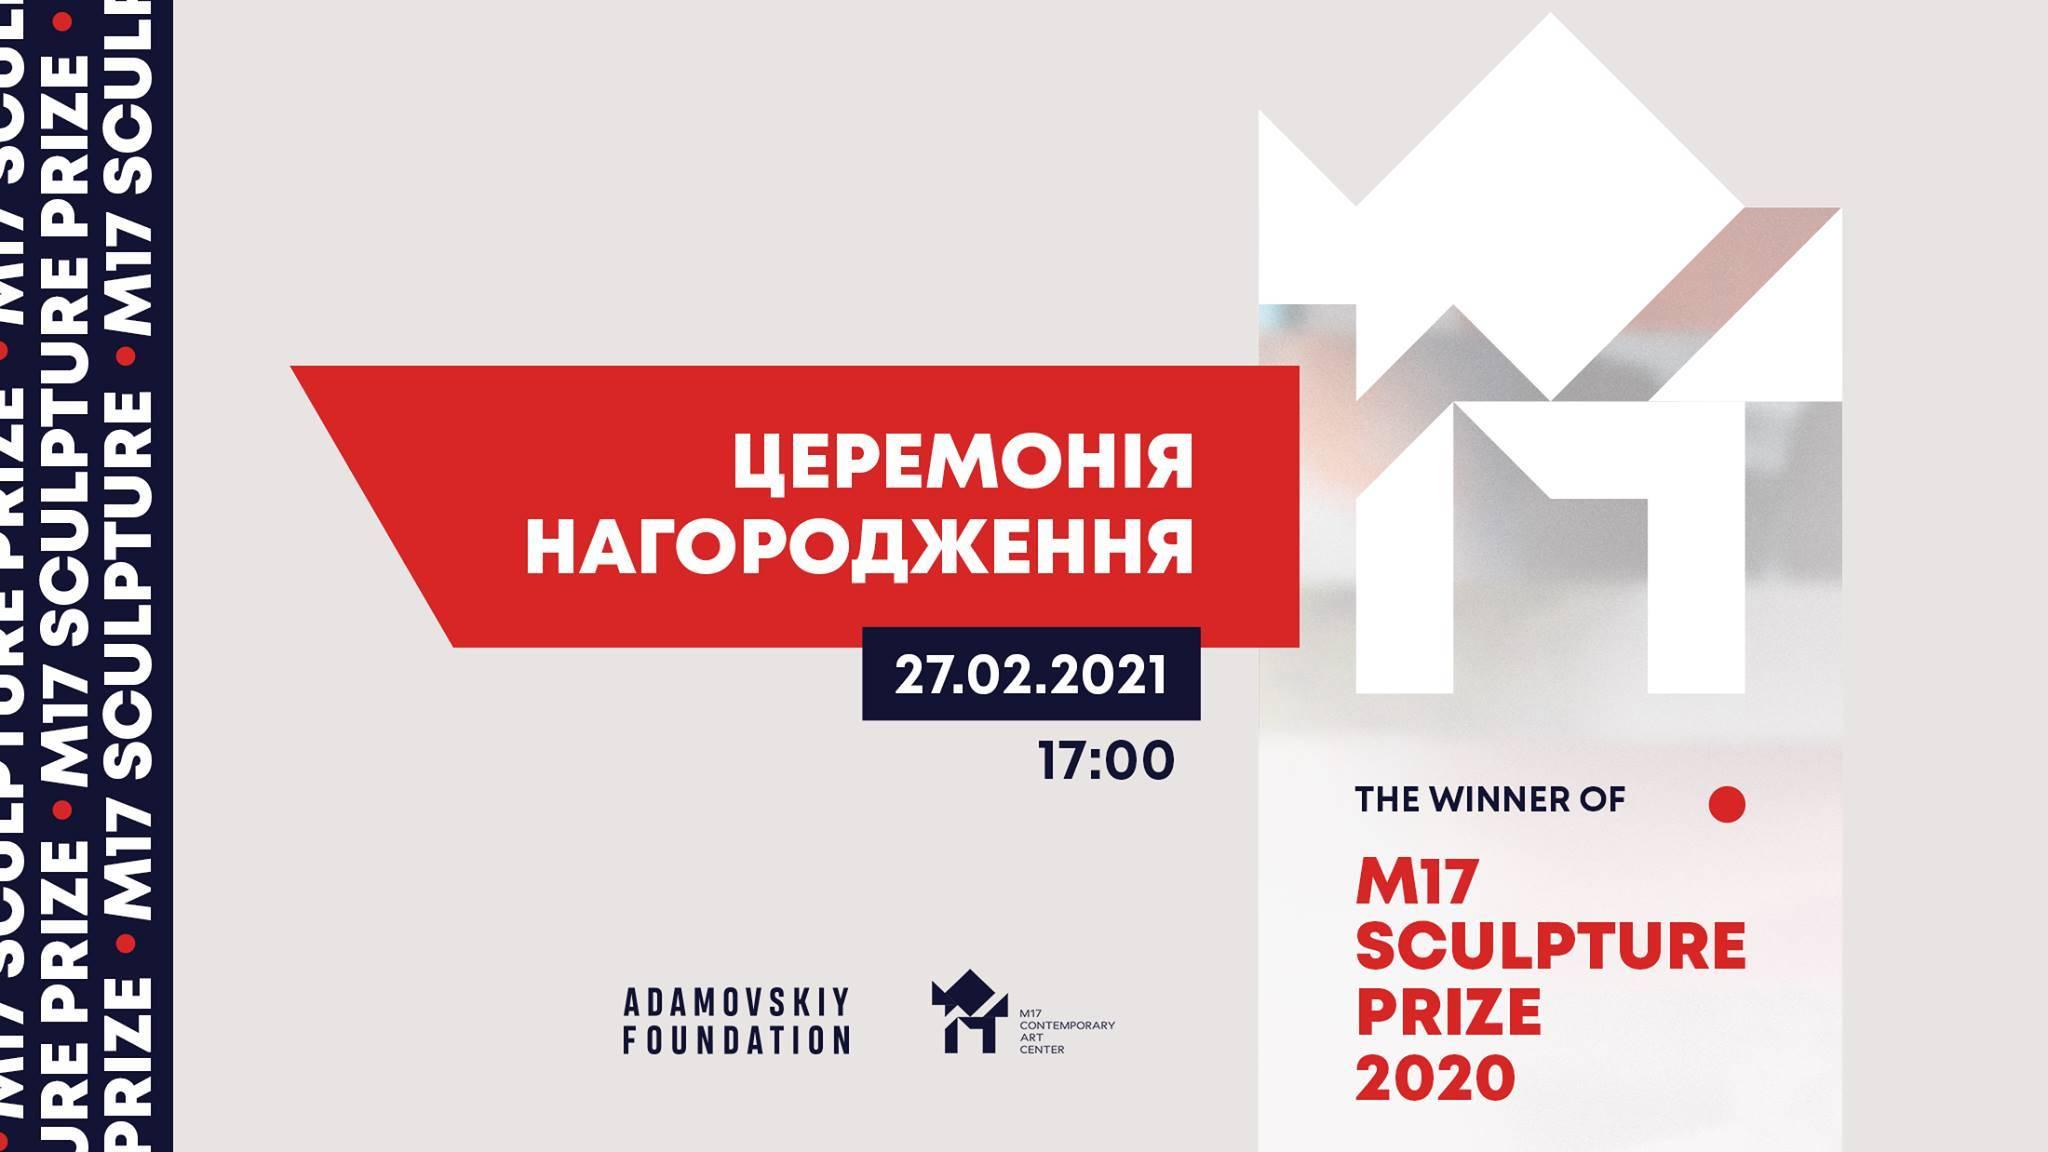 Церемонія нагородження переможця М17 Sculpture Prize